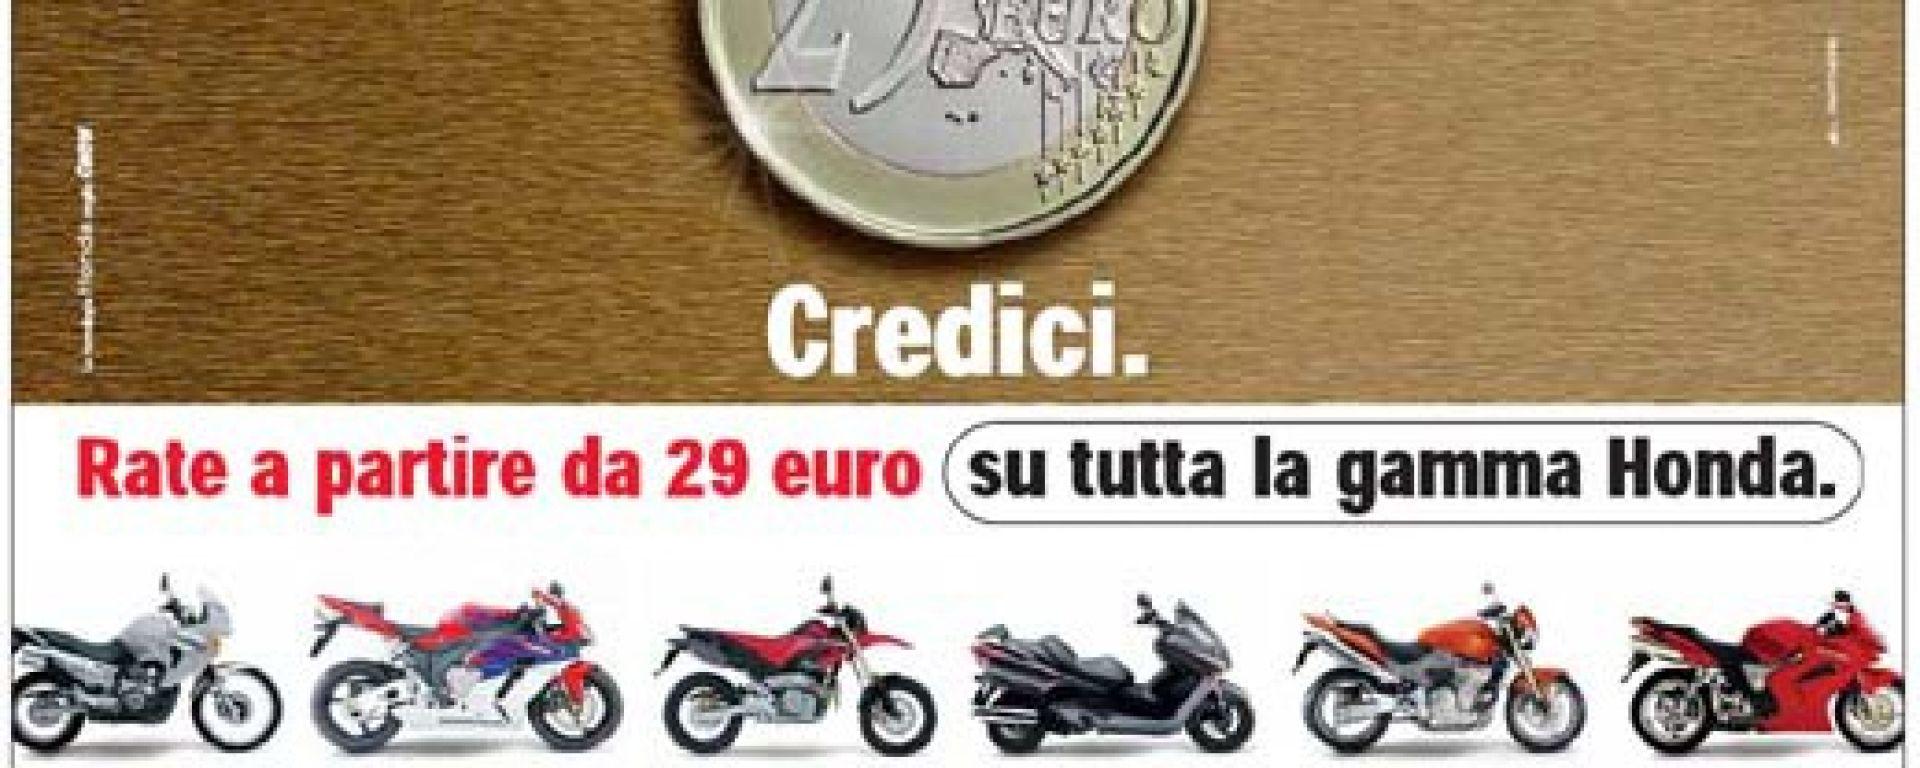 HONDA: una moto con 29 Euro